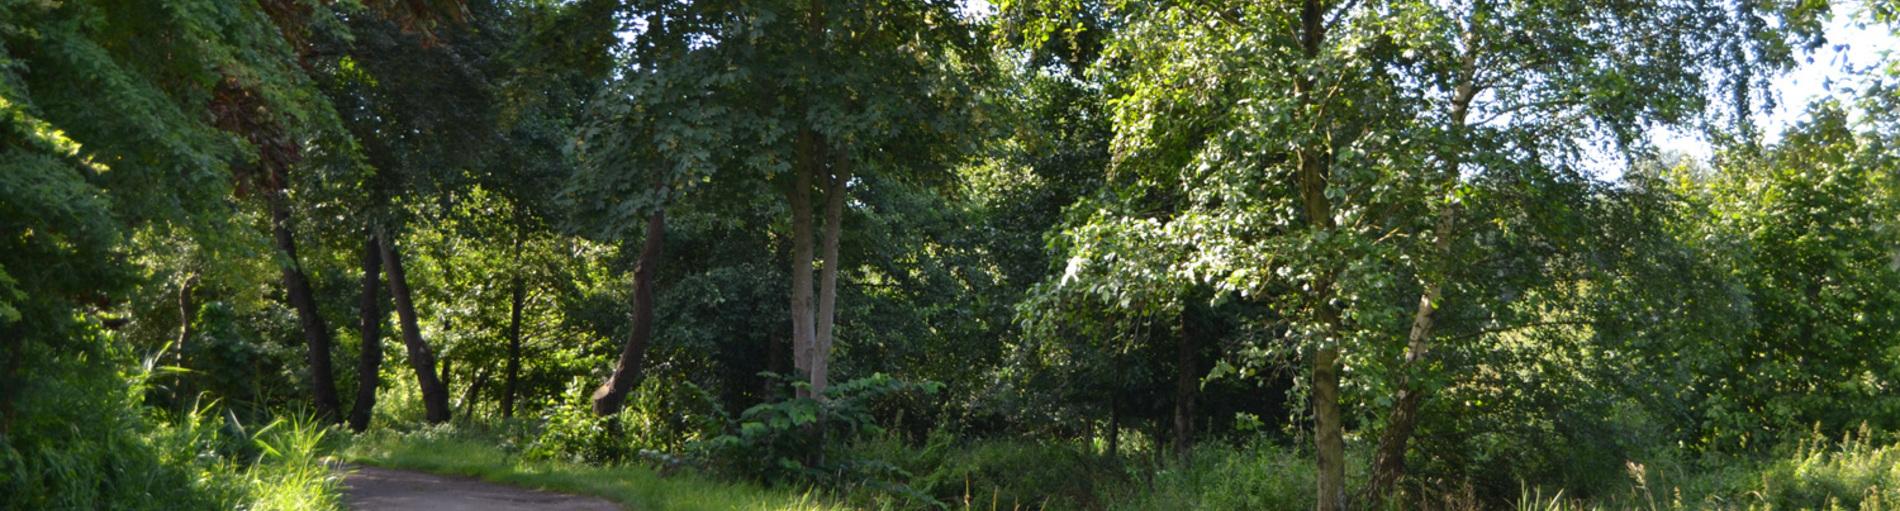 Ein Spazierweg in der Sonne umrahmt von Bäumen und Gras.